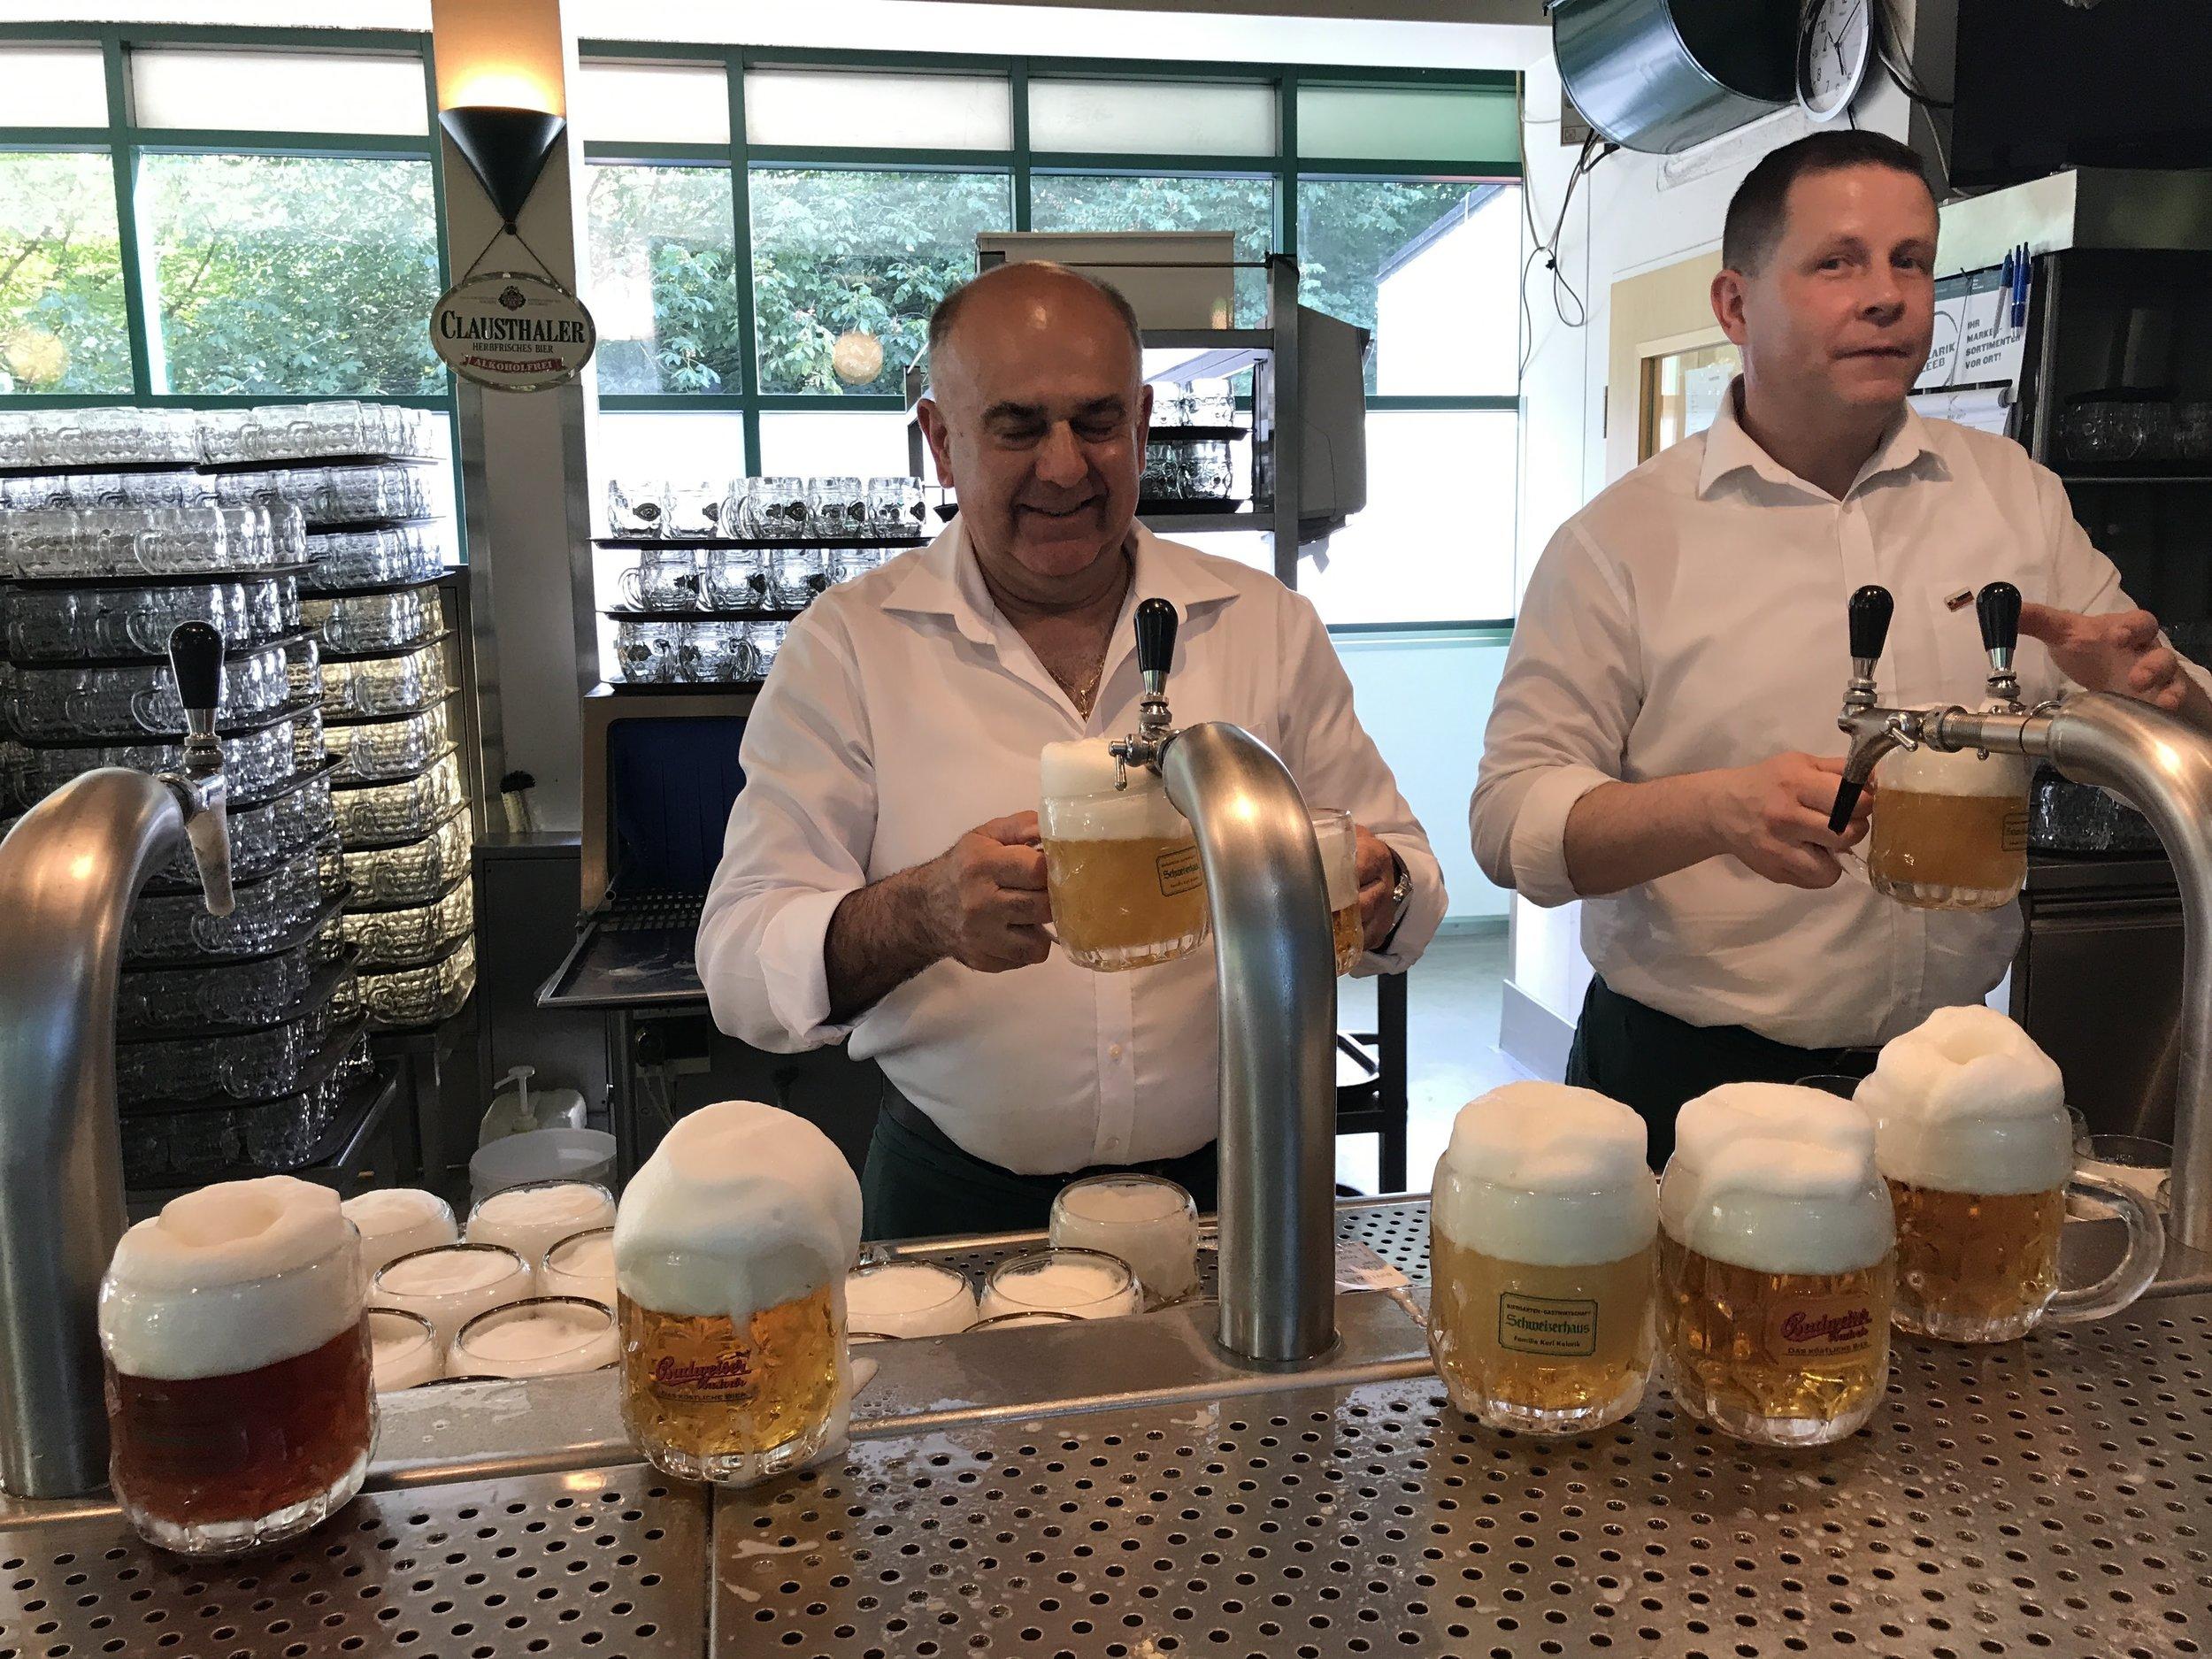 Pouring beer at the outdoor beer hall, Schweierhaus